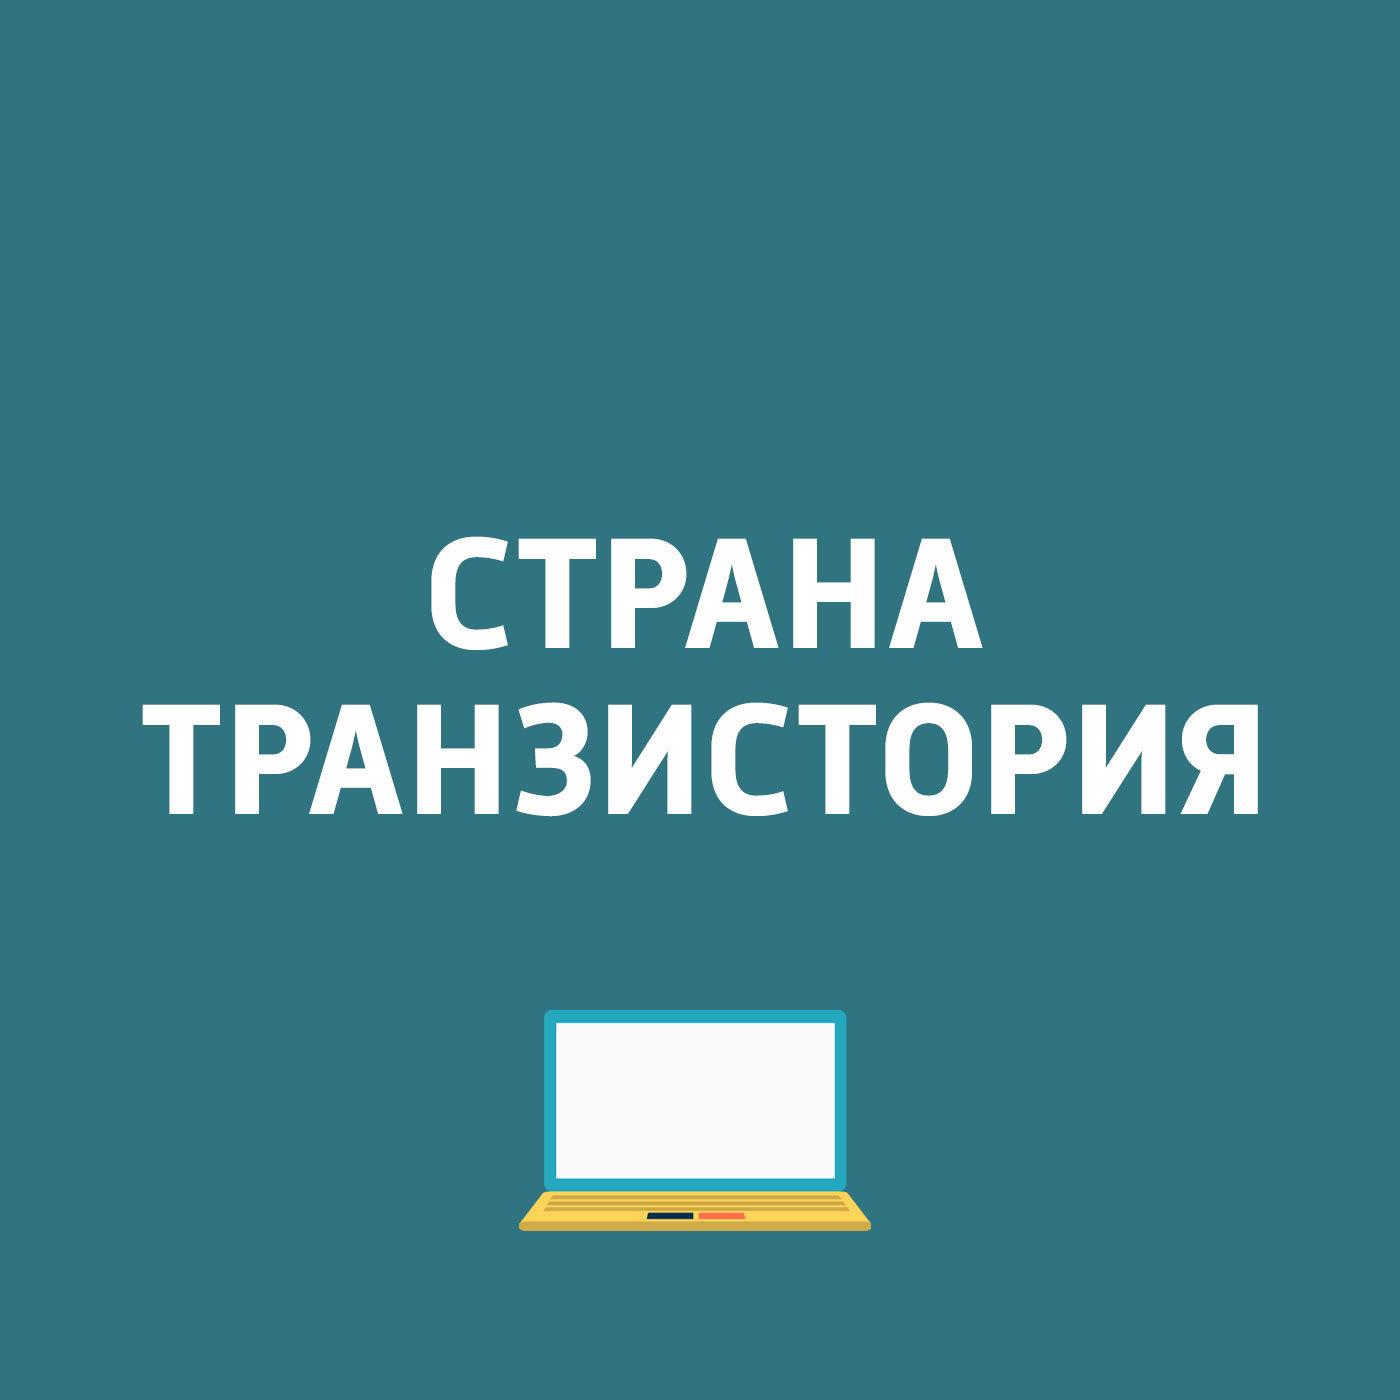 Картаев Павел LG Electronics зарегистрировала торговые марки будущих складных смартфонов